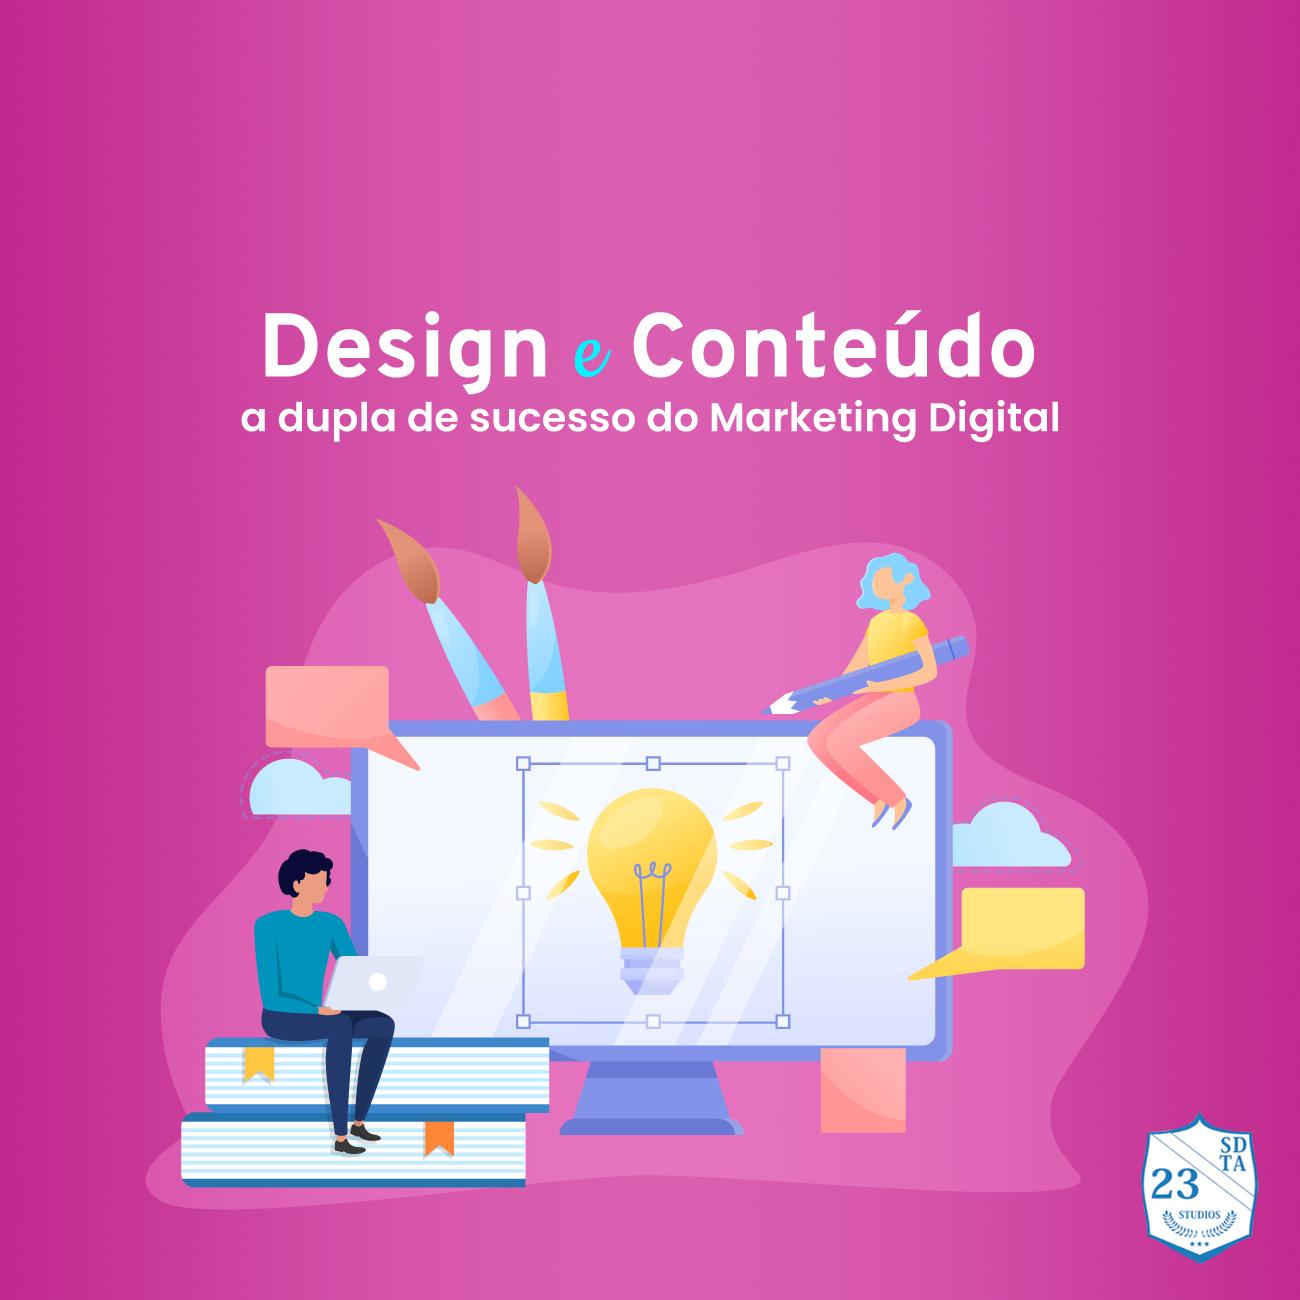 design e conteúdo a dupla de sucesso do marketing digital